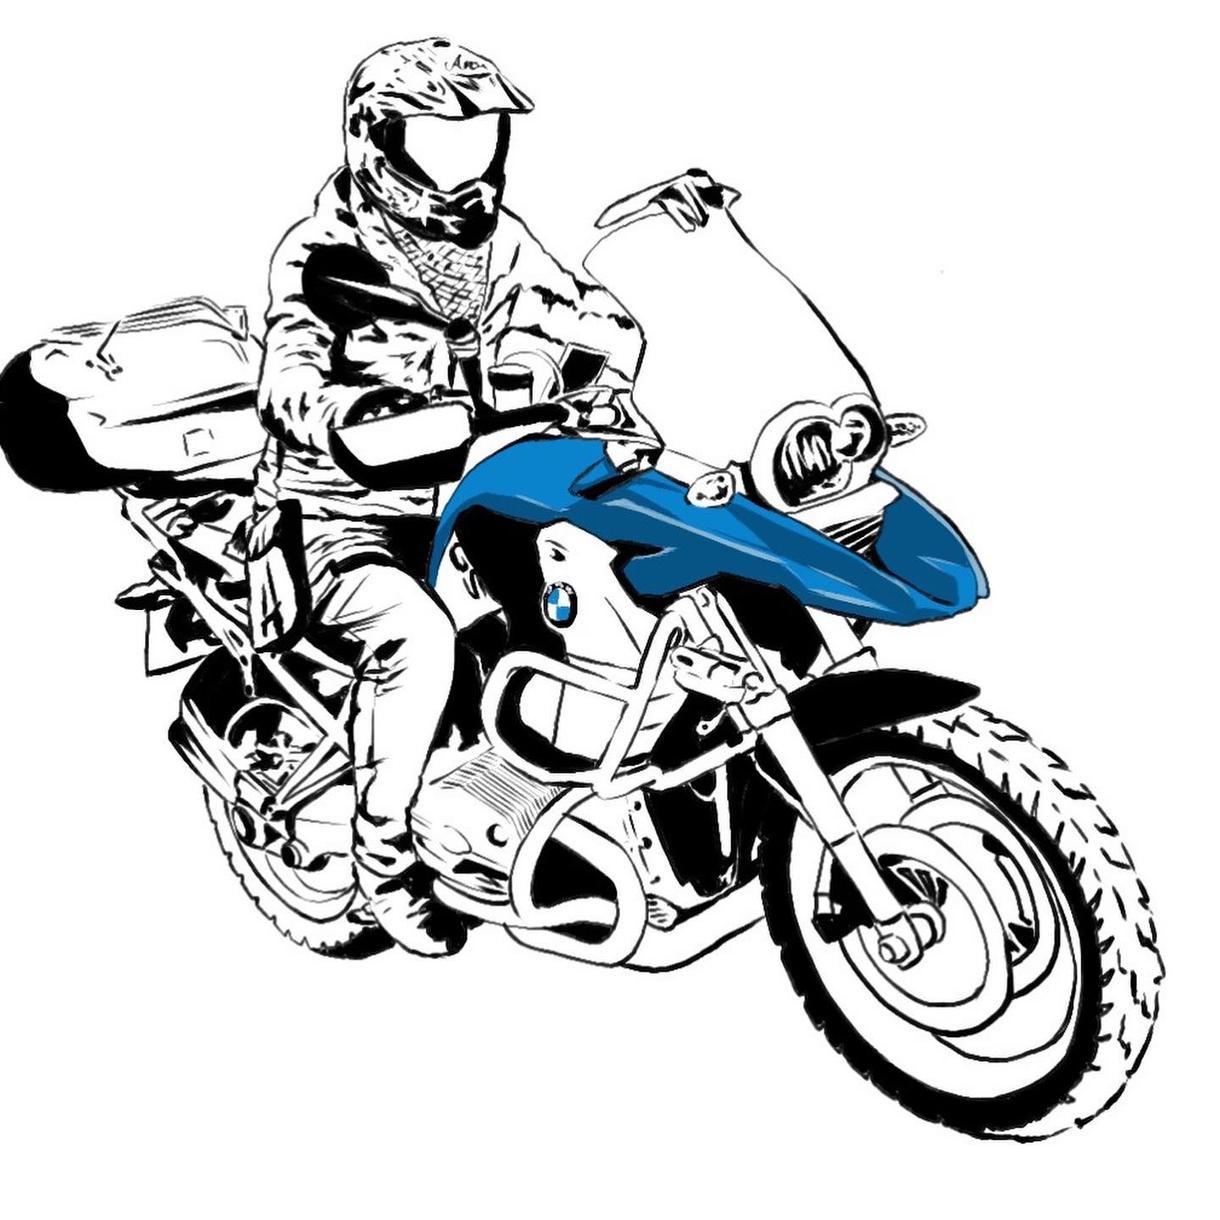 ライダーさんのイラストをバイク付きで描きます 写真をいただけたらデジタル手描きでイラストを描きます!